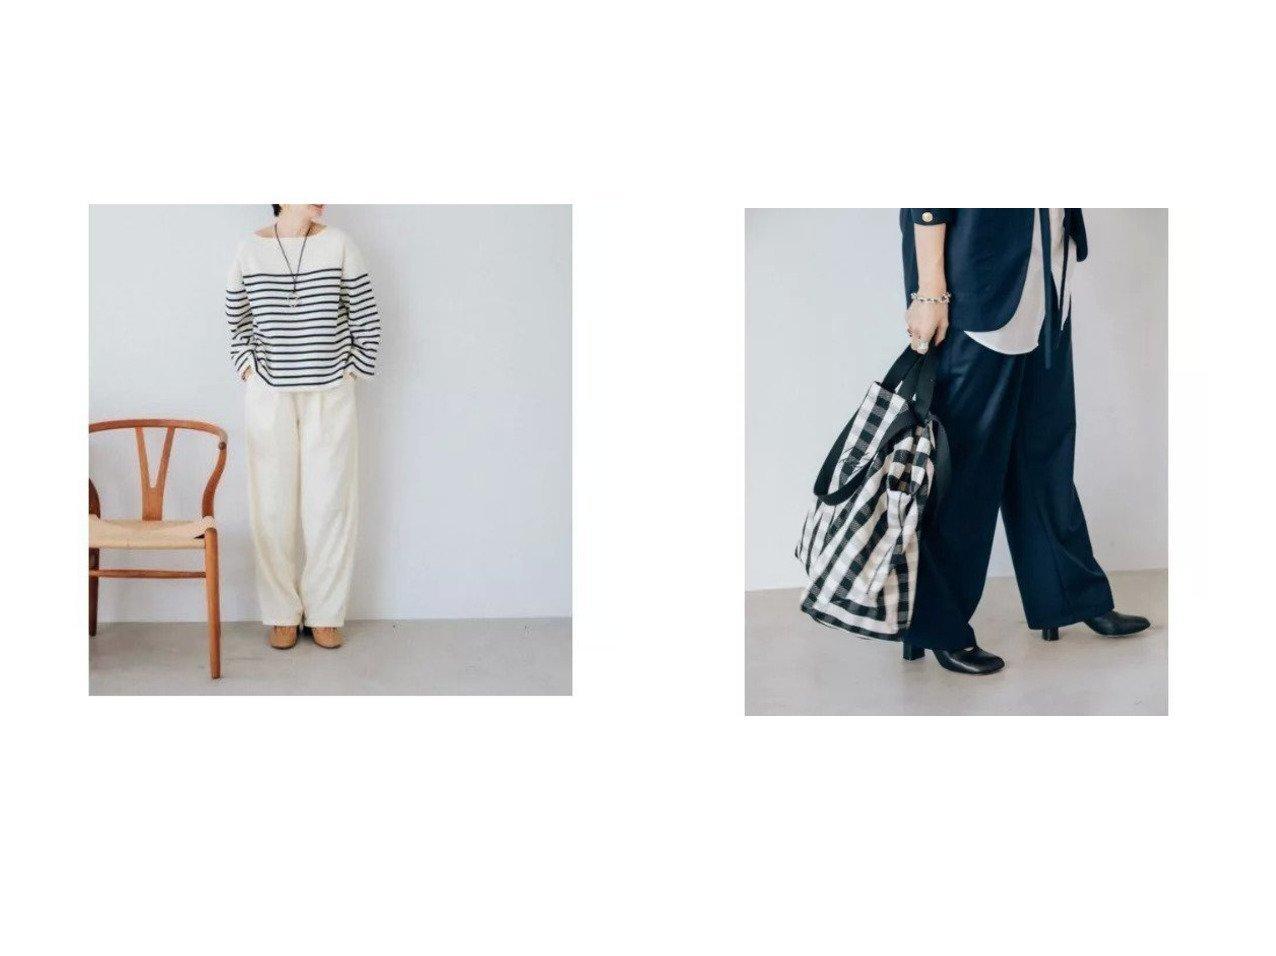 【Oblekt/オブレクト】のウエストギャザーイージーパンツ パンツのおすすめ!人気、トレンド・レディースファッションの通販 おすすめで人気の流行・トレンド、ファッションの通販商品 メンズファッション・キッズファッション・インテリア・家具・レディースファッション・服の通販 founy(ファニー) https://founy.com/ ファッション Fashion レディースファッション WOMEN パンツ Pants ジャケット ストレート |ID:crp329100000022459